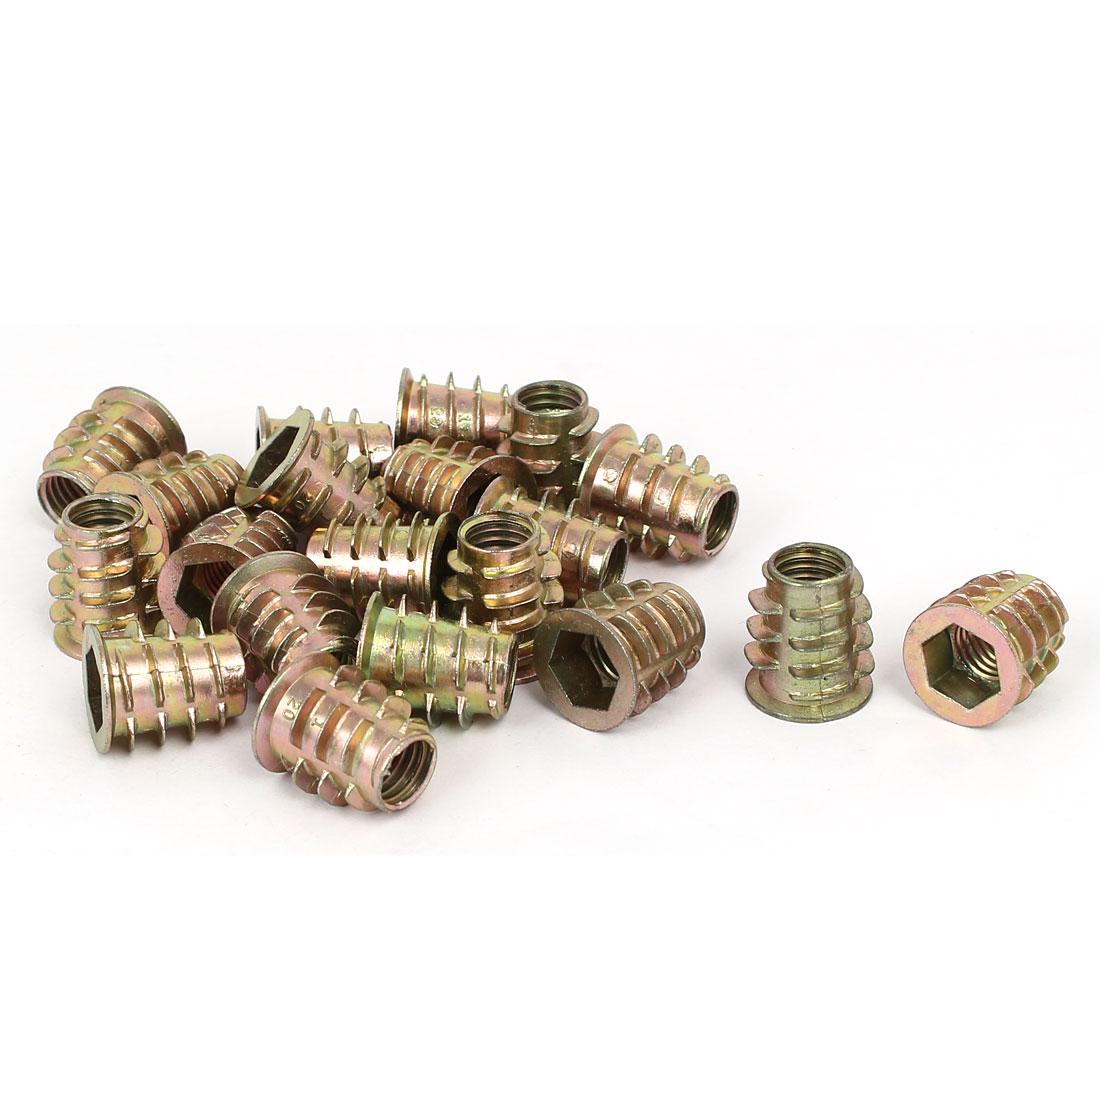 M10 x 20mm Hex Socket Head Insert Screws E-Nuts Furniture Fittings 20pcs